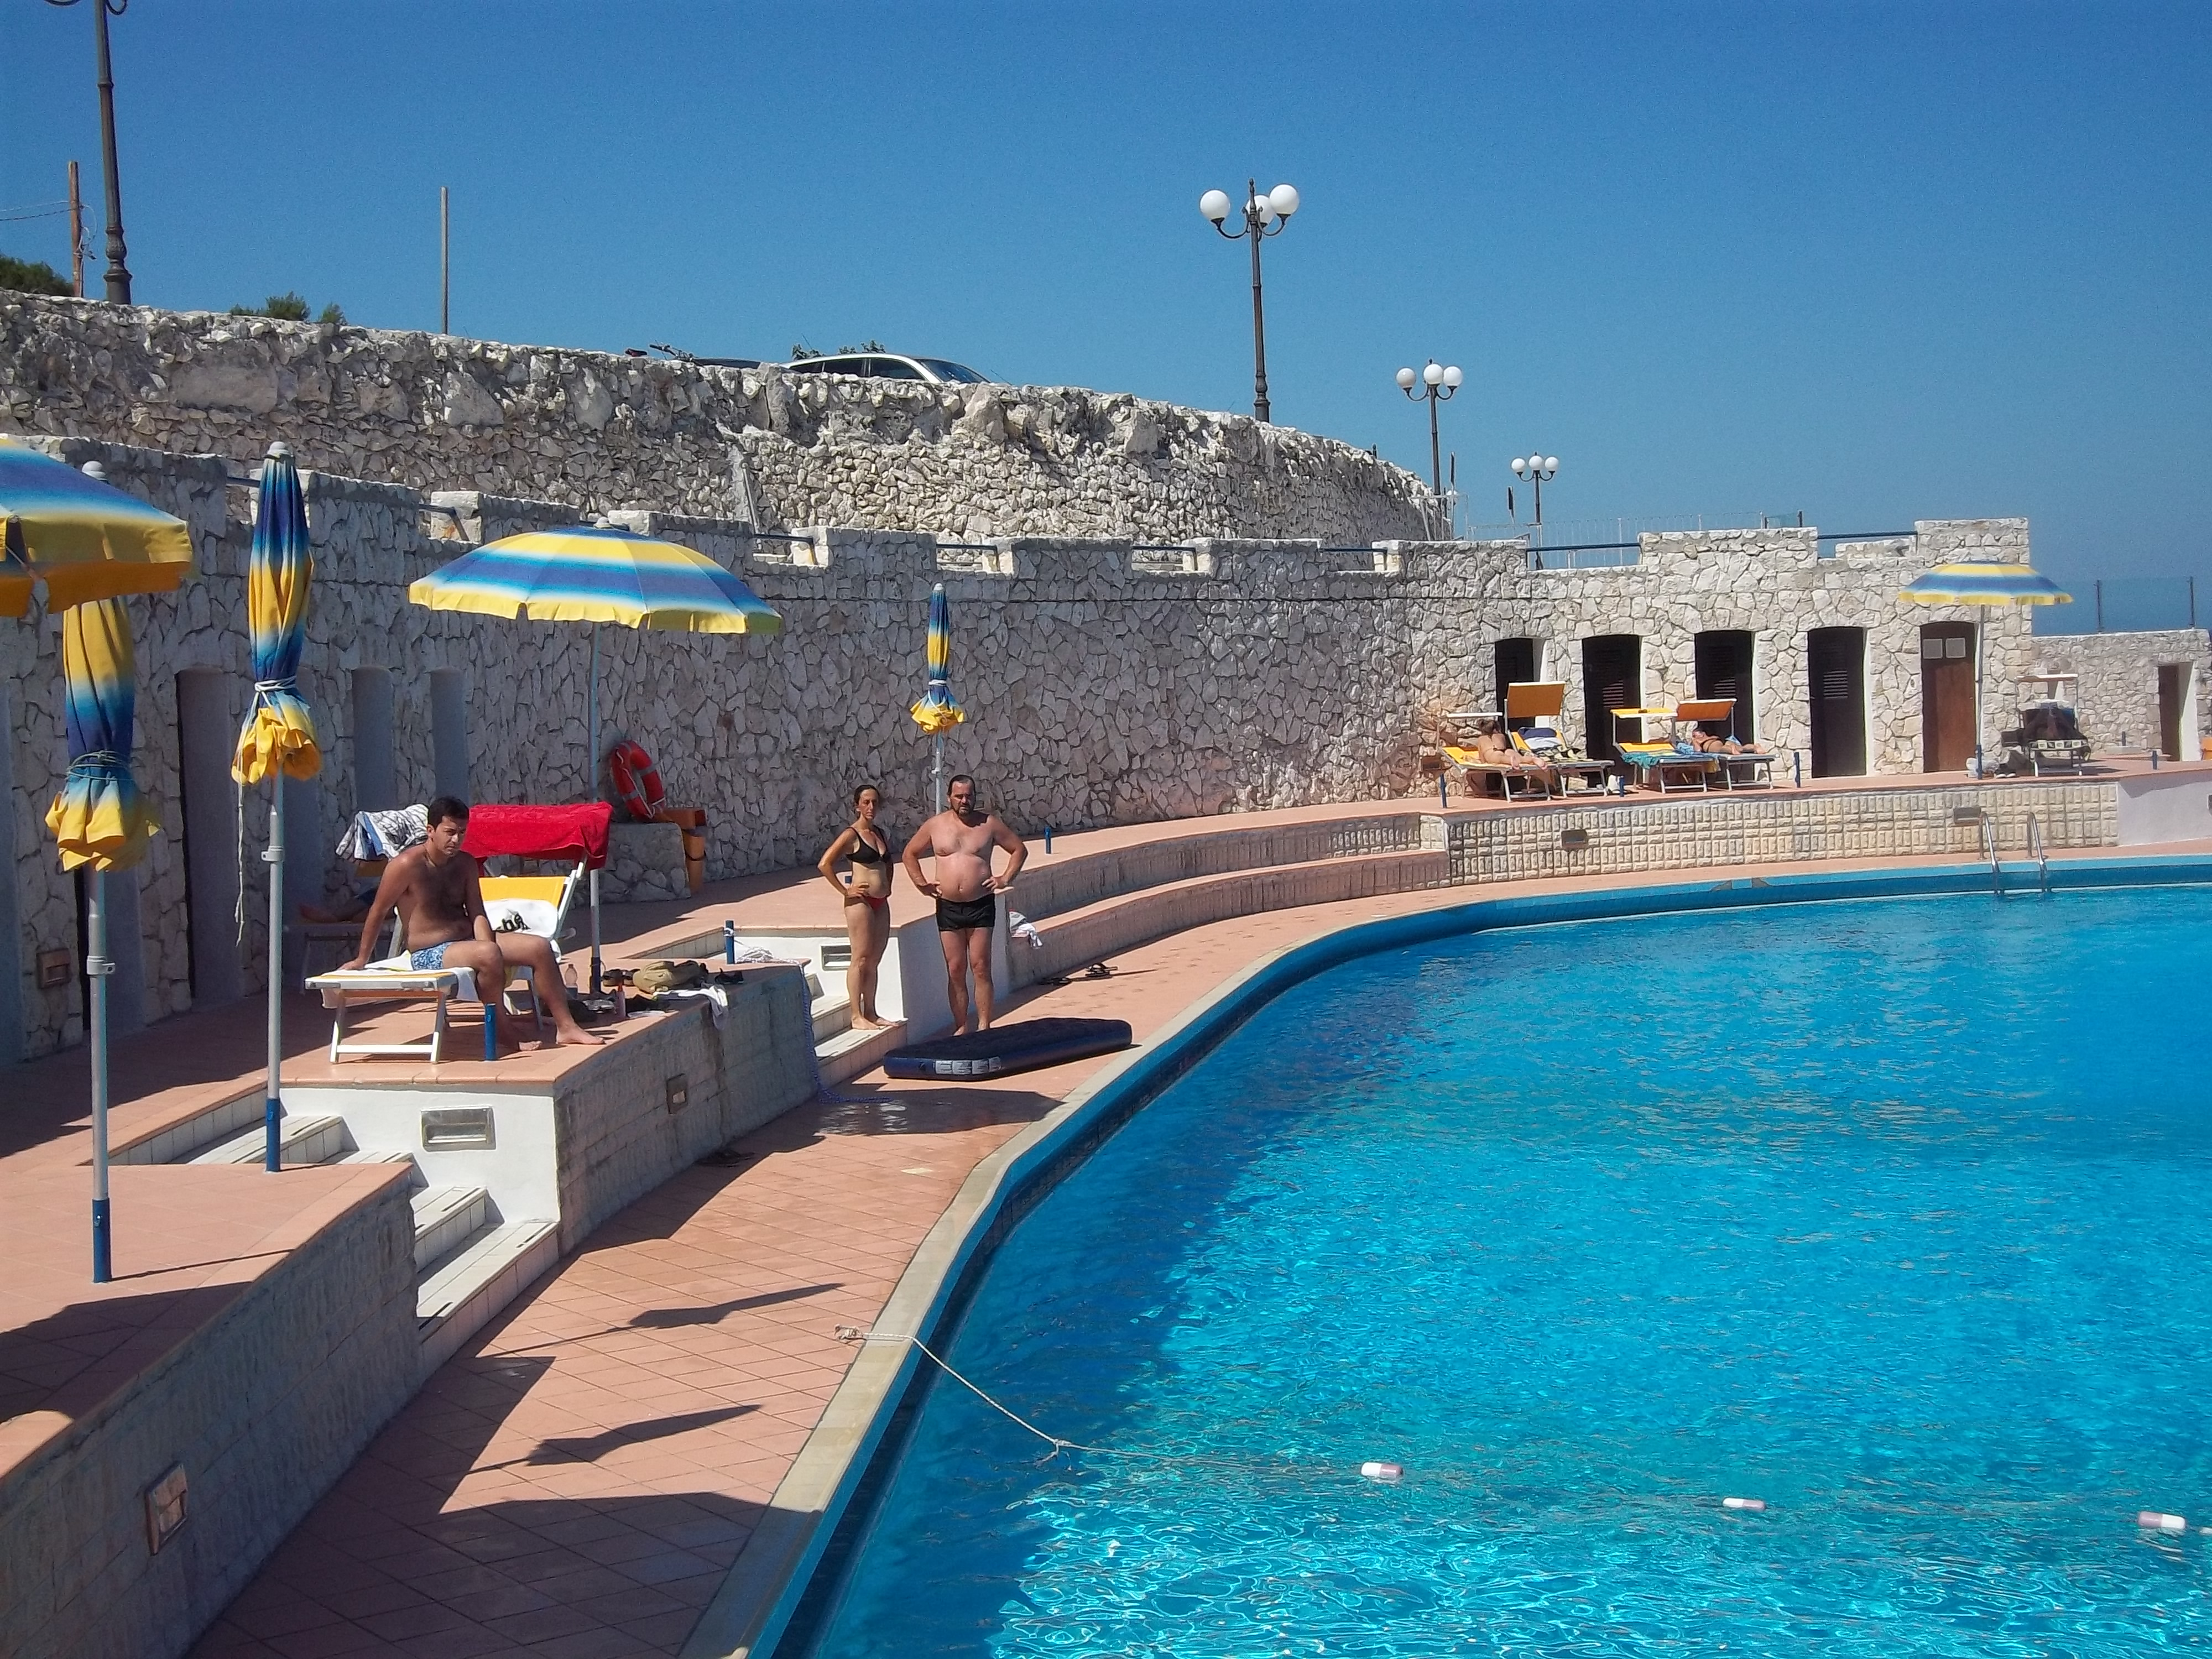 La grotta zinzulusa benvenuti a castro marina la perla for Piani di progettazione della piscina